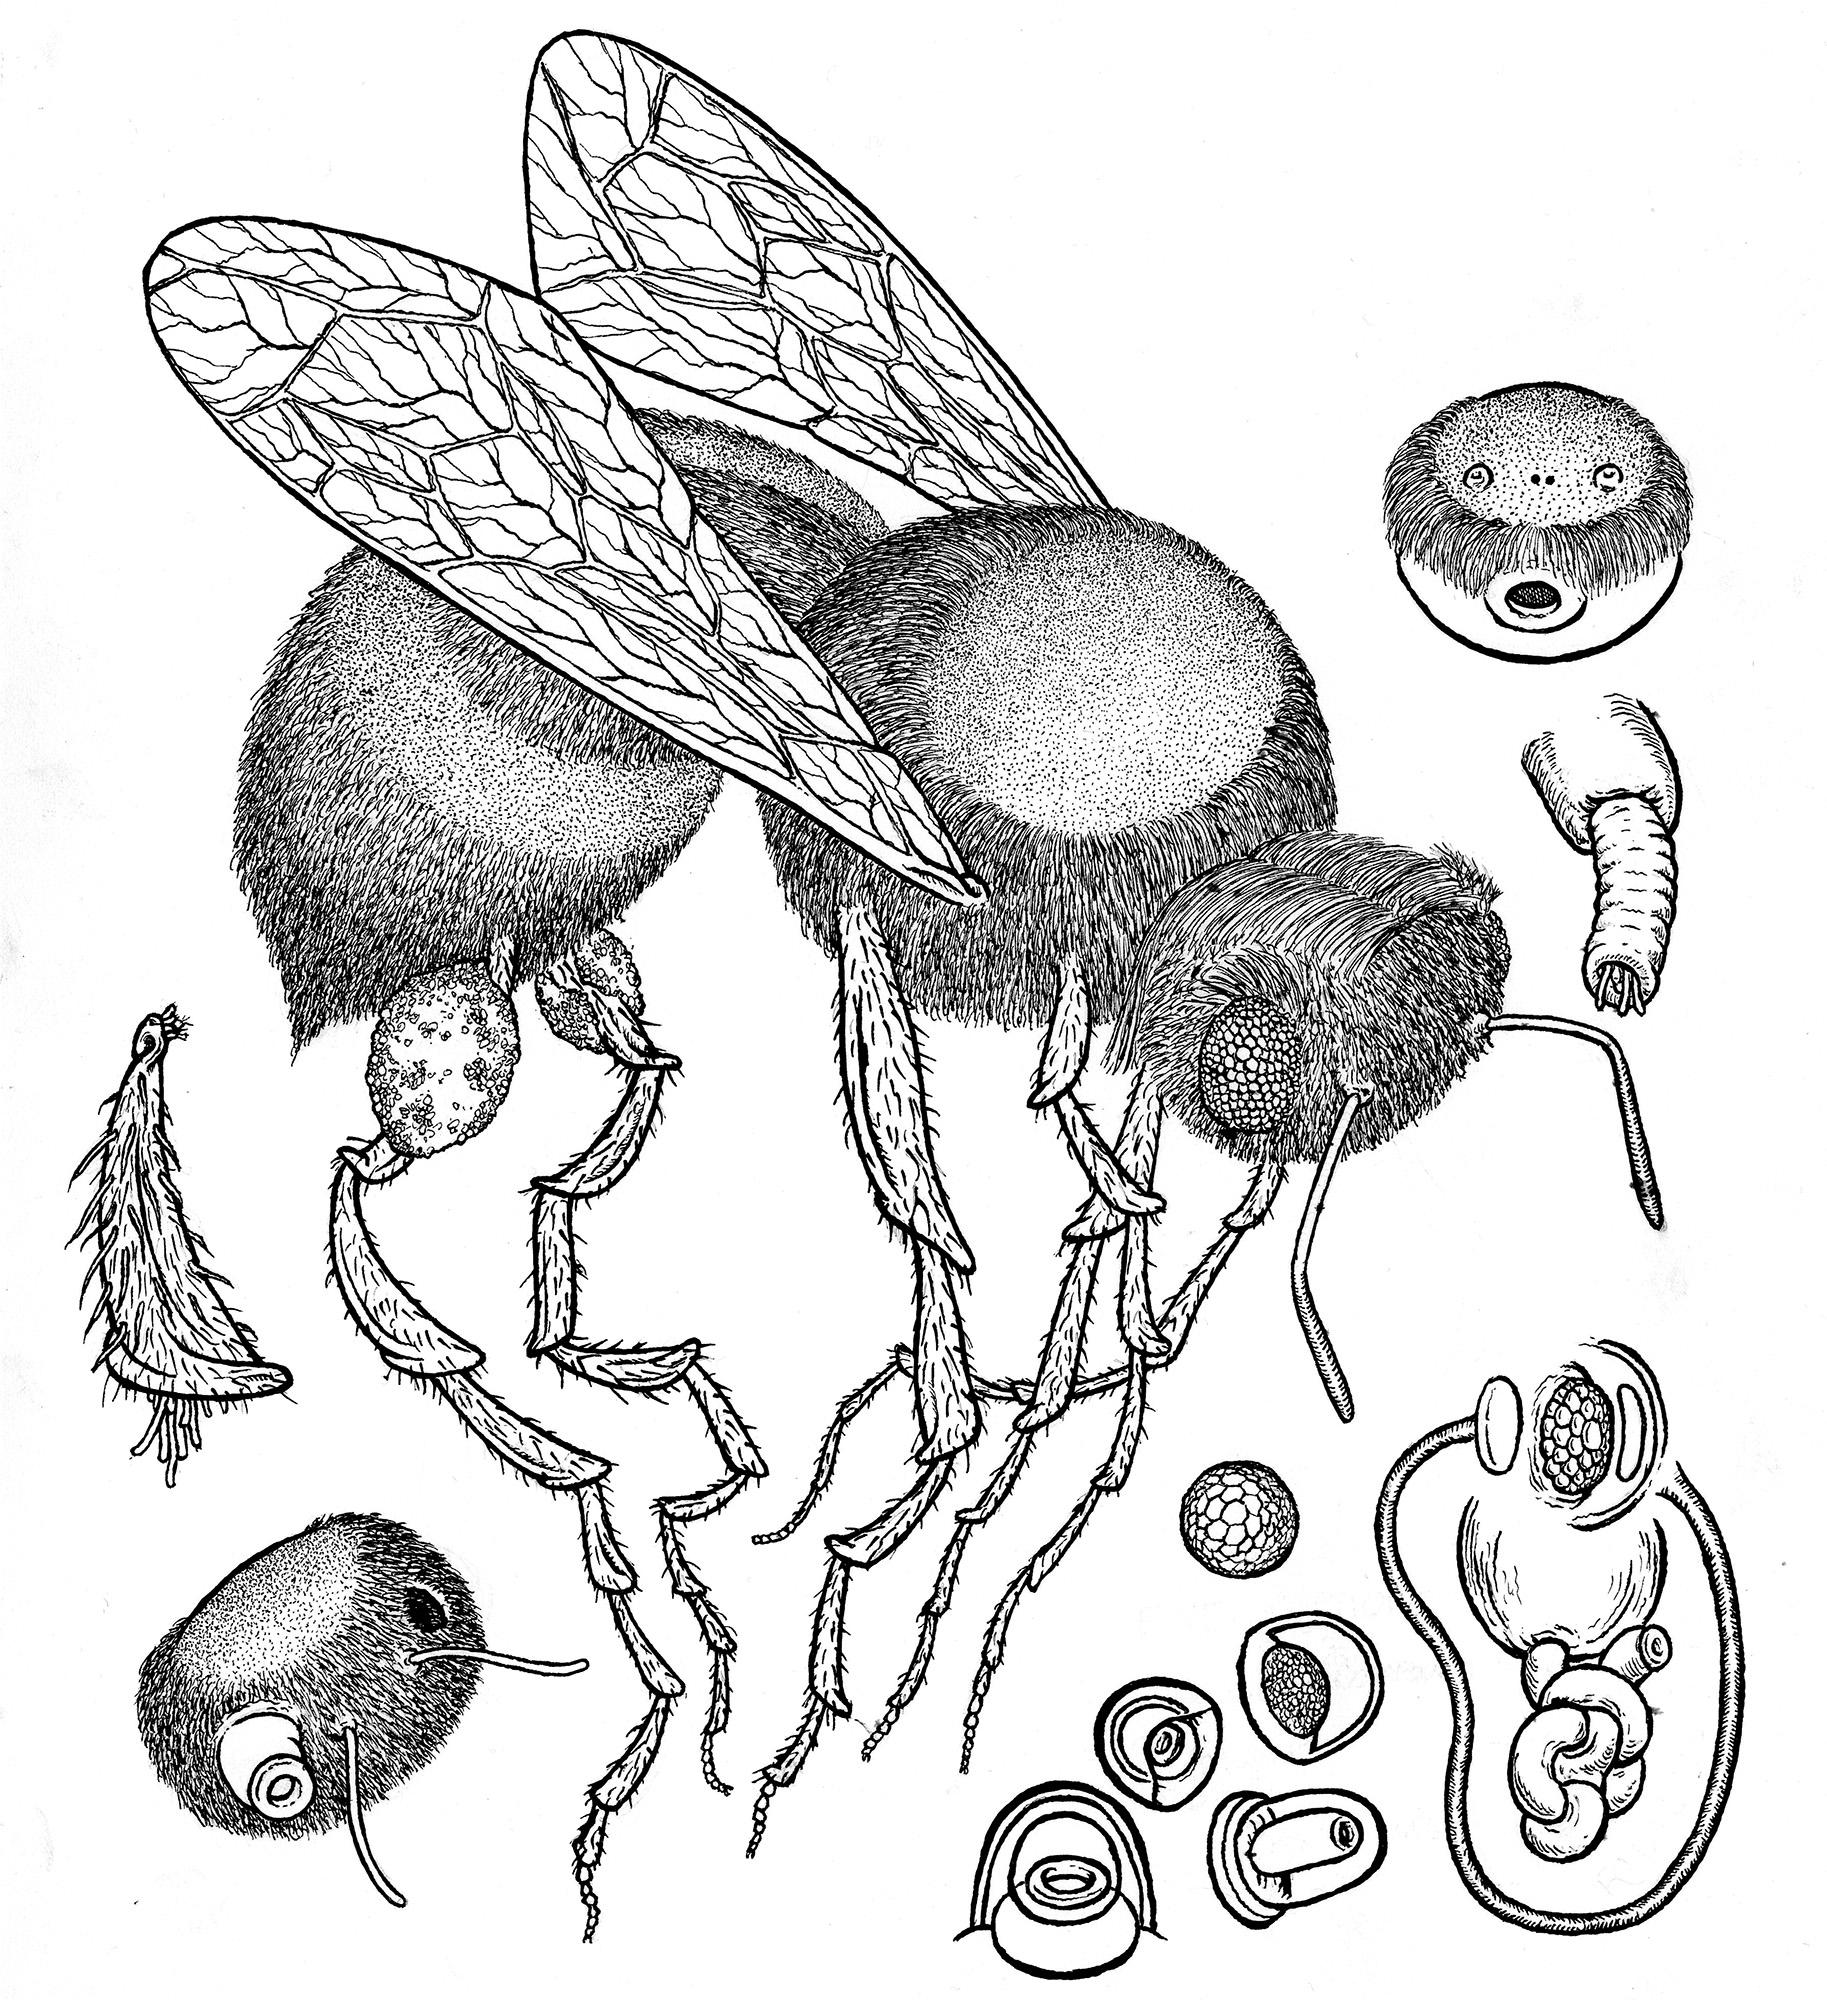 dangleg monkbee ink web.jpg